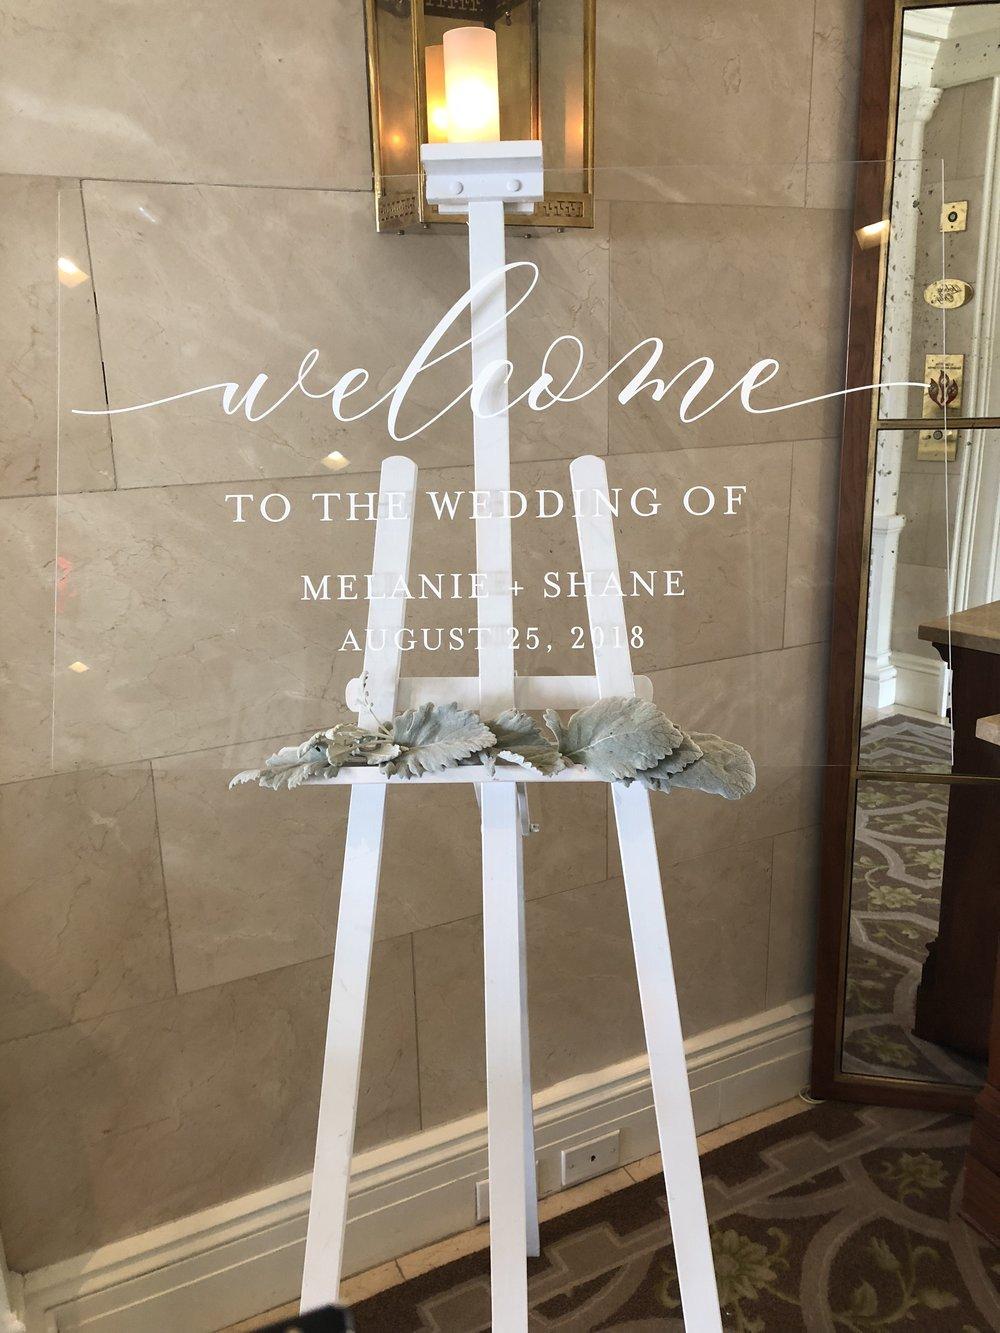 acrylic welcome sign.jpeg